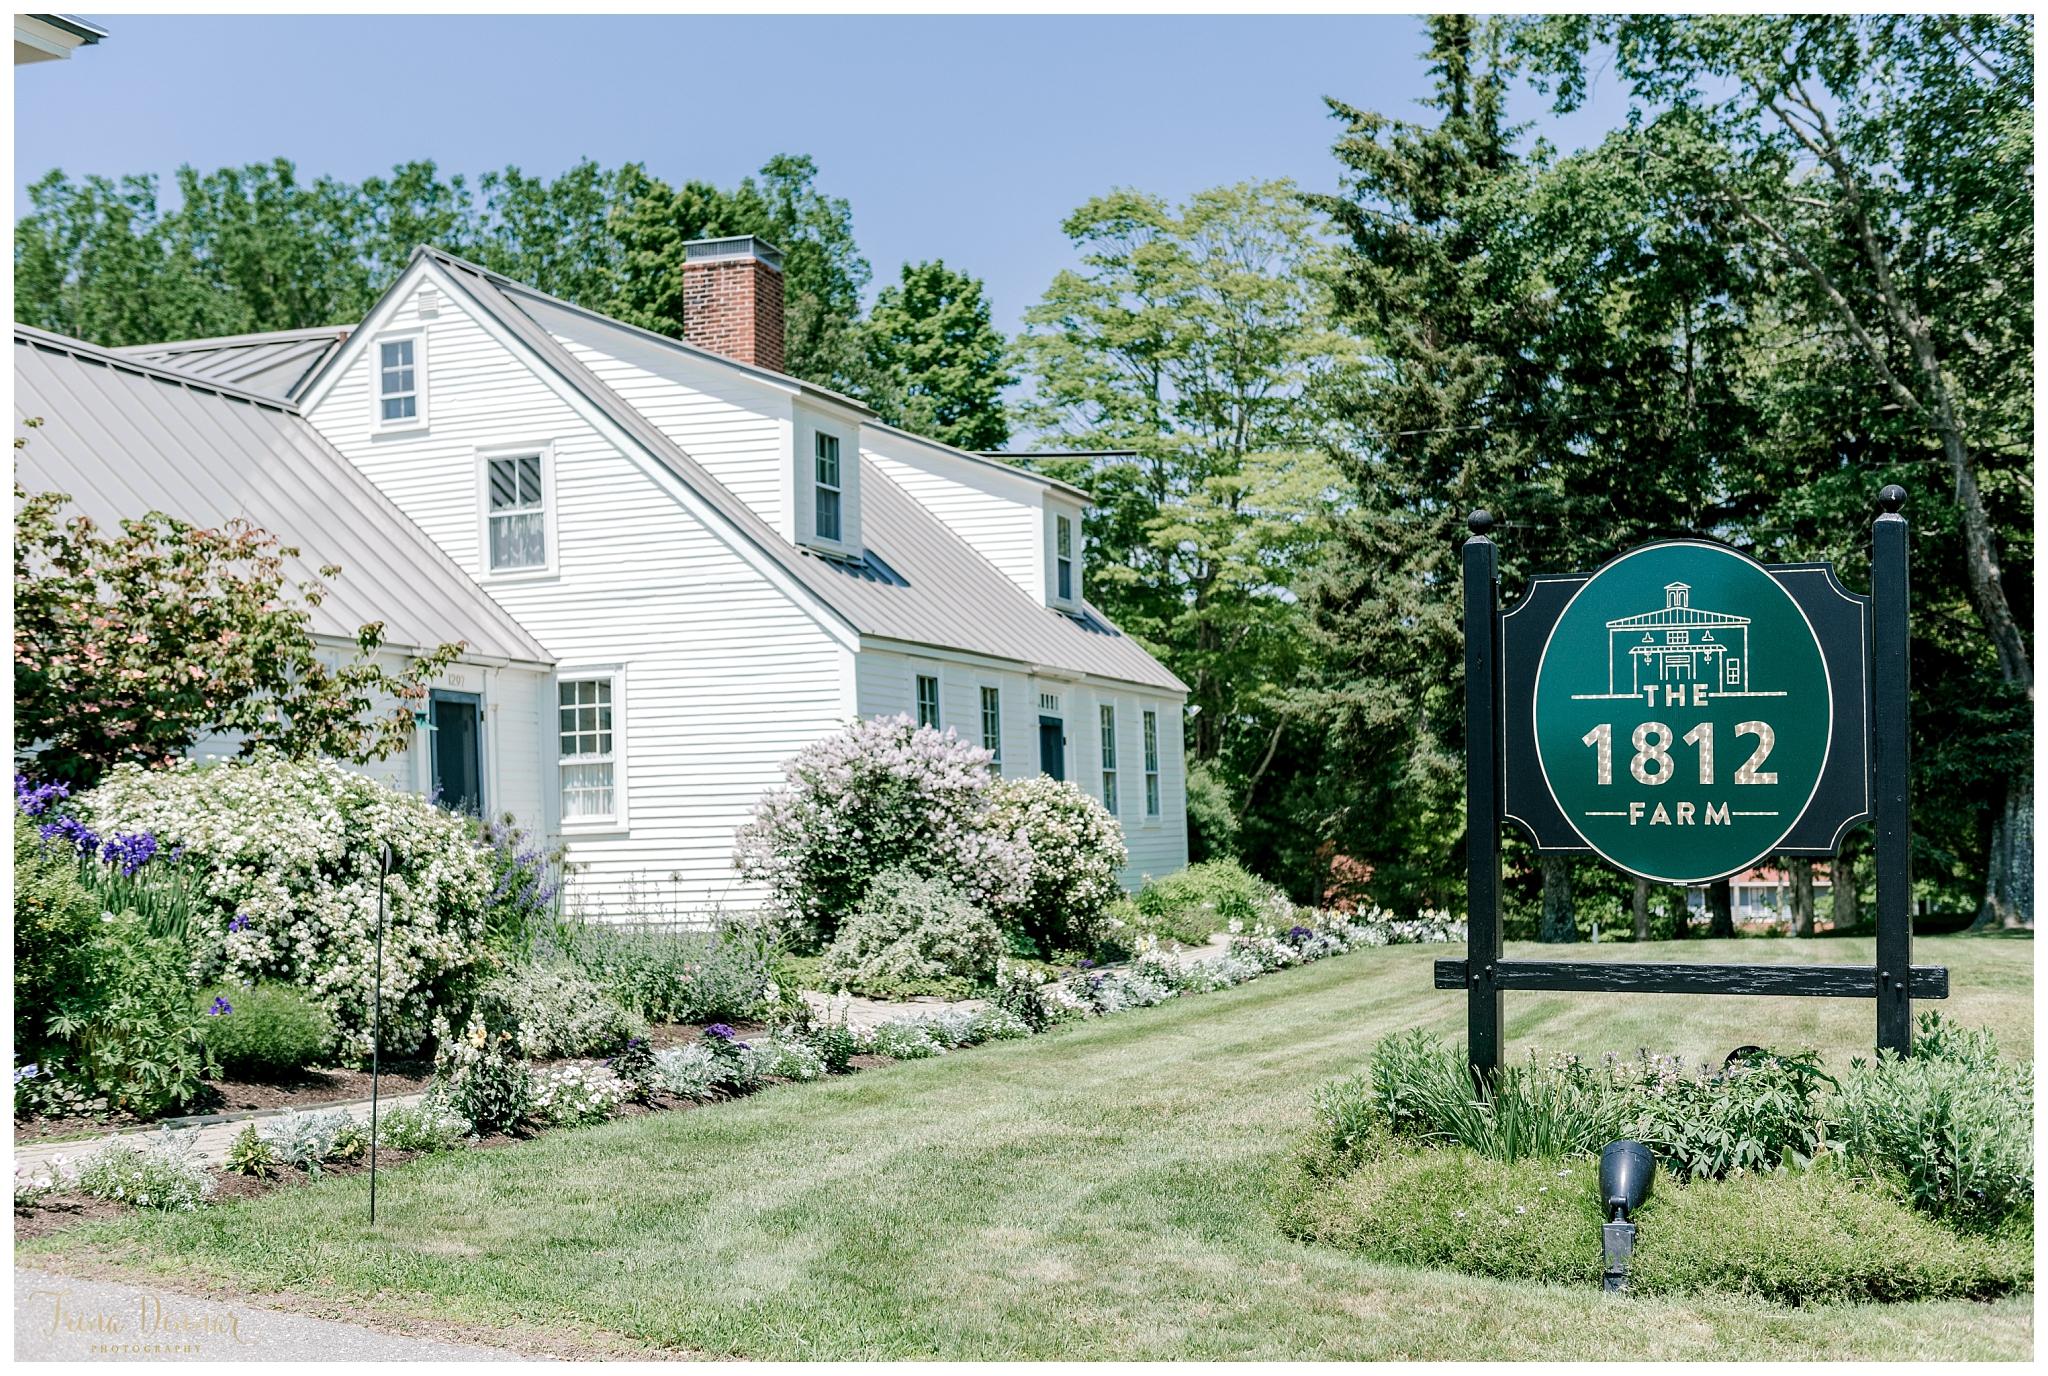 Maine Wedding Venue: The 1812 Farm in Bristol